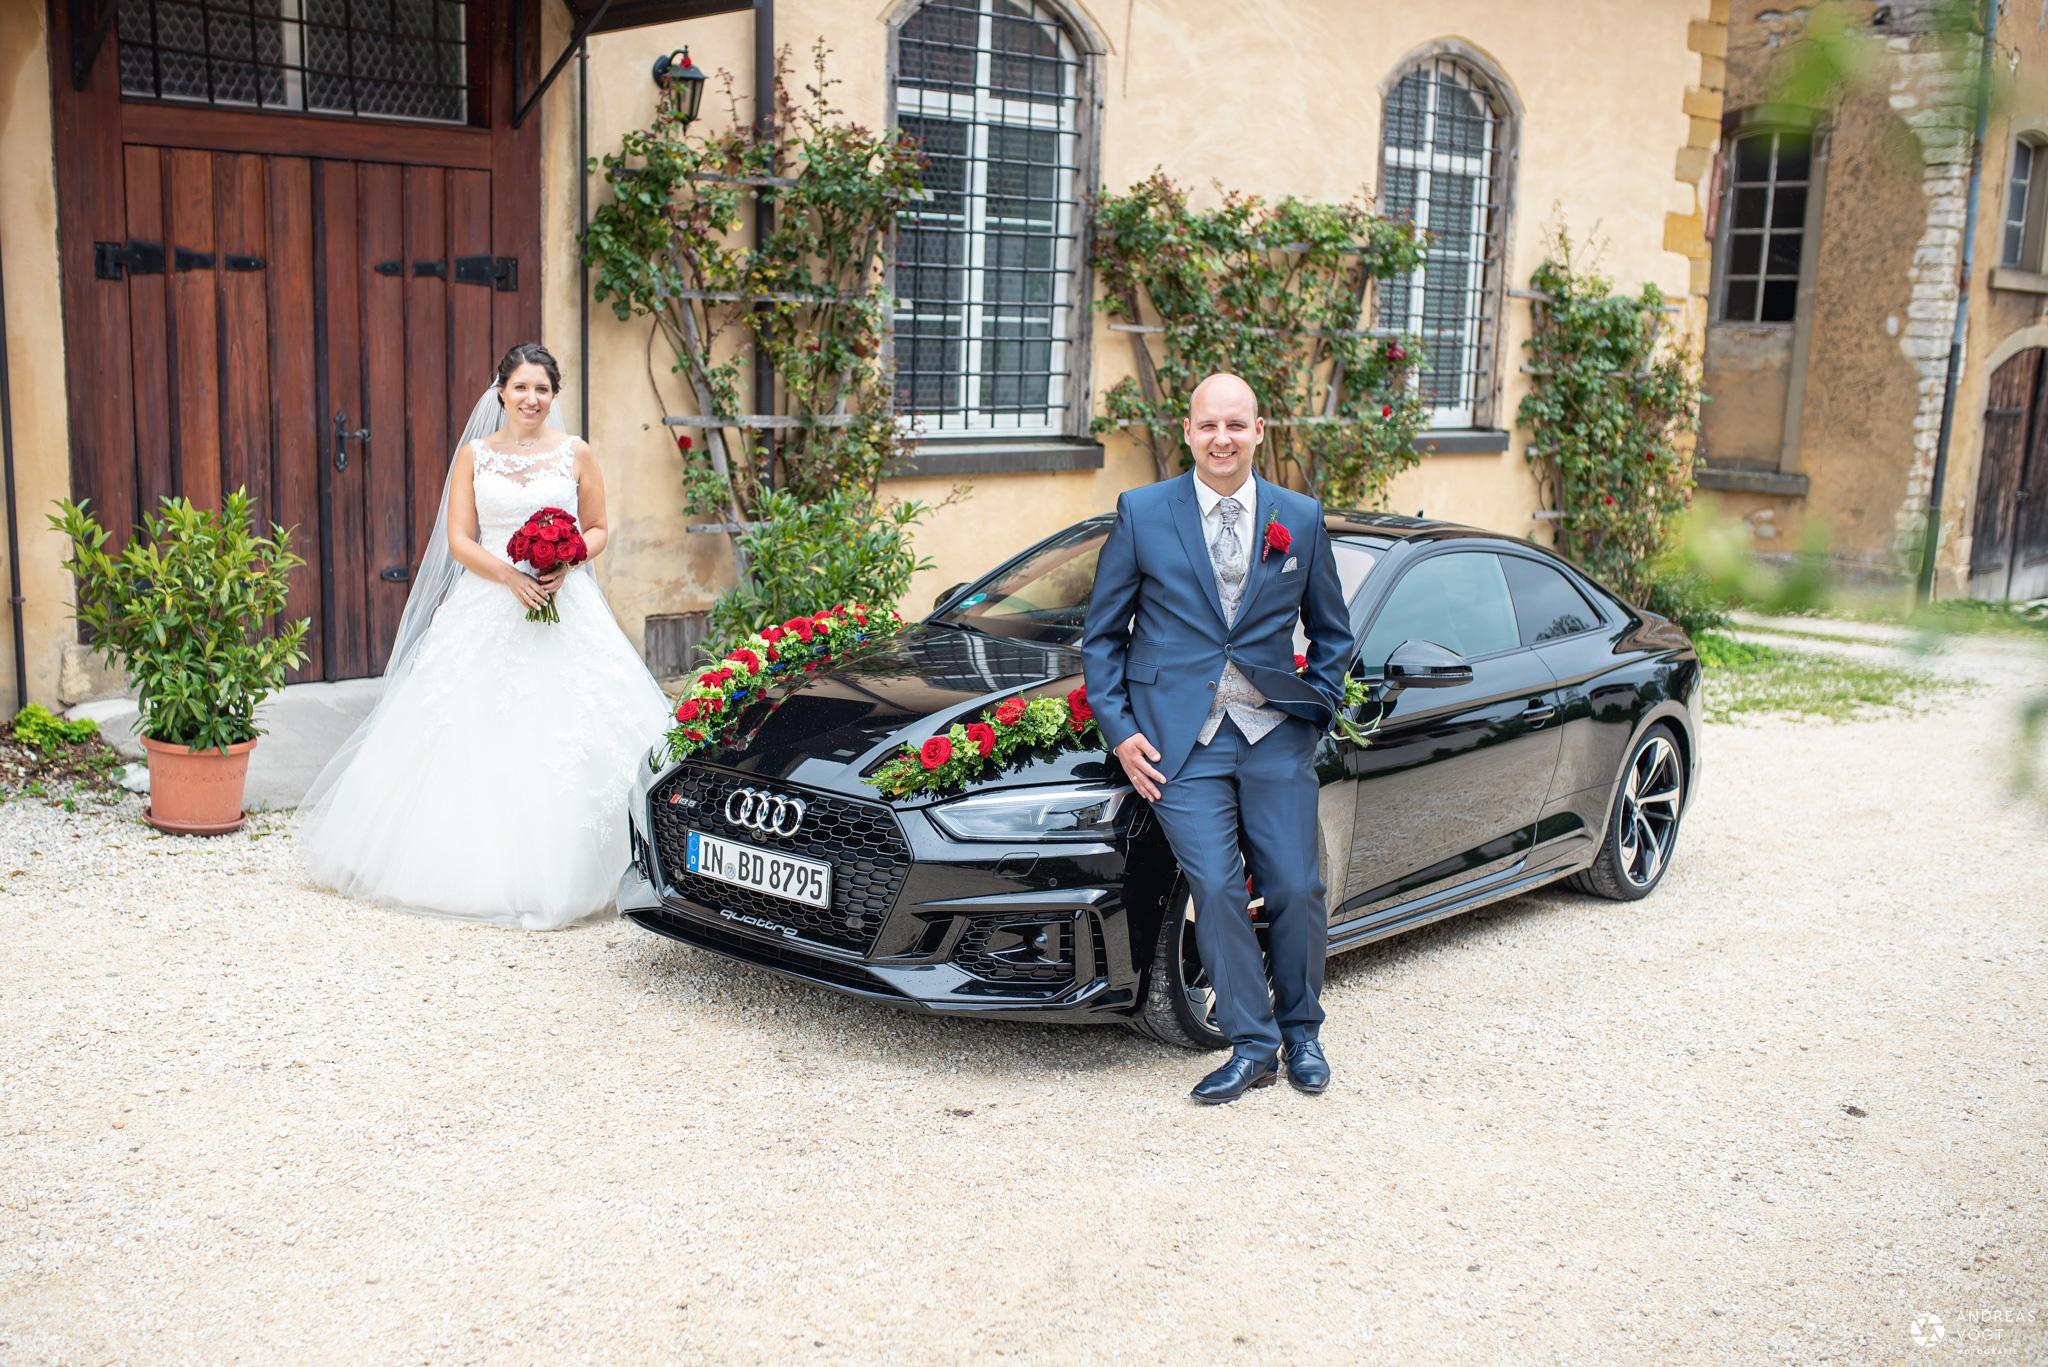 Brautpaarshooting mit dem Hochzeitsauto